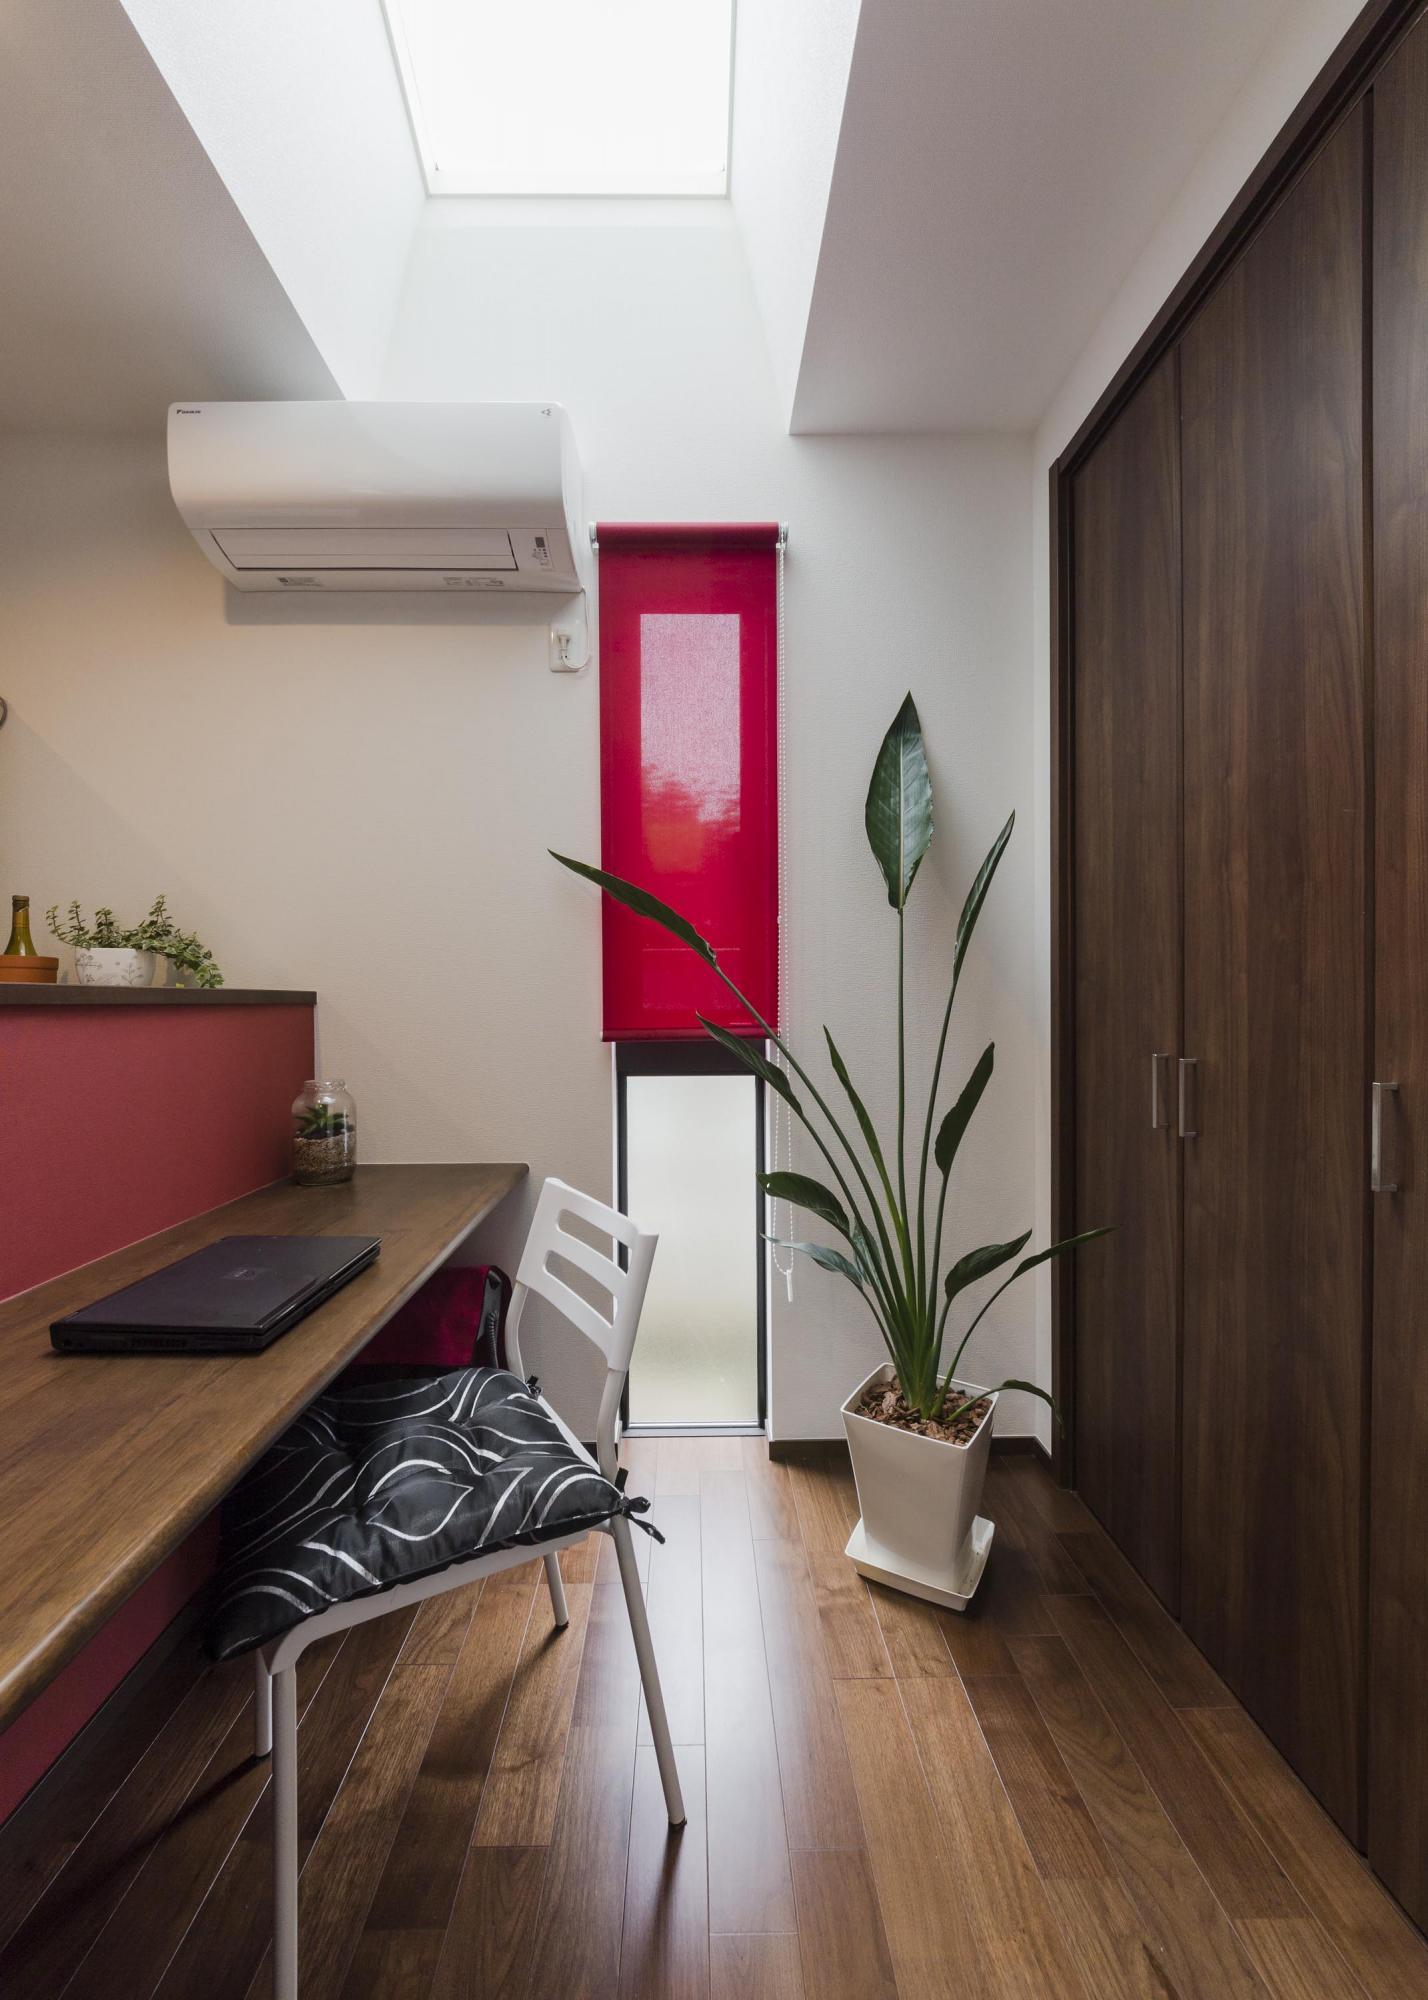 キッチン脇の「ミセススペース」は北側でも天窓を設けて明るい空間に。愛犬の食事をする場所としても活用している。写真右扉は収納。